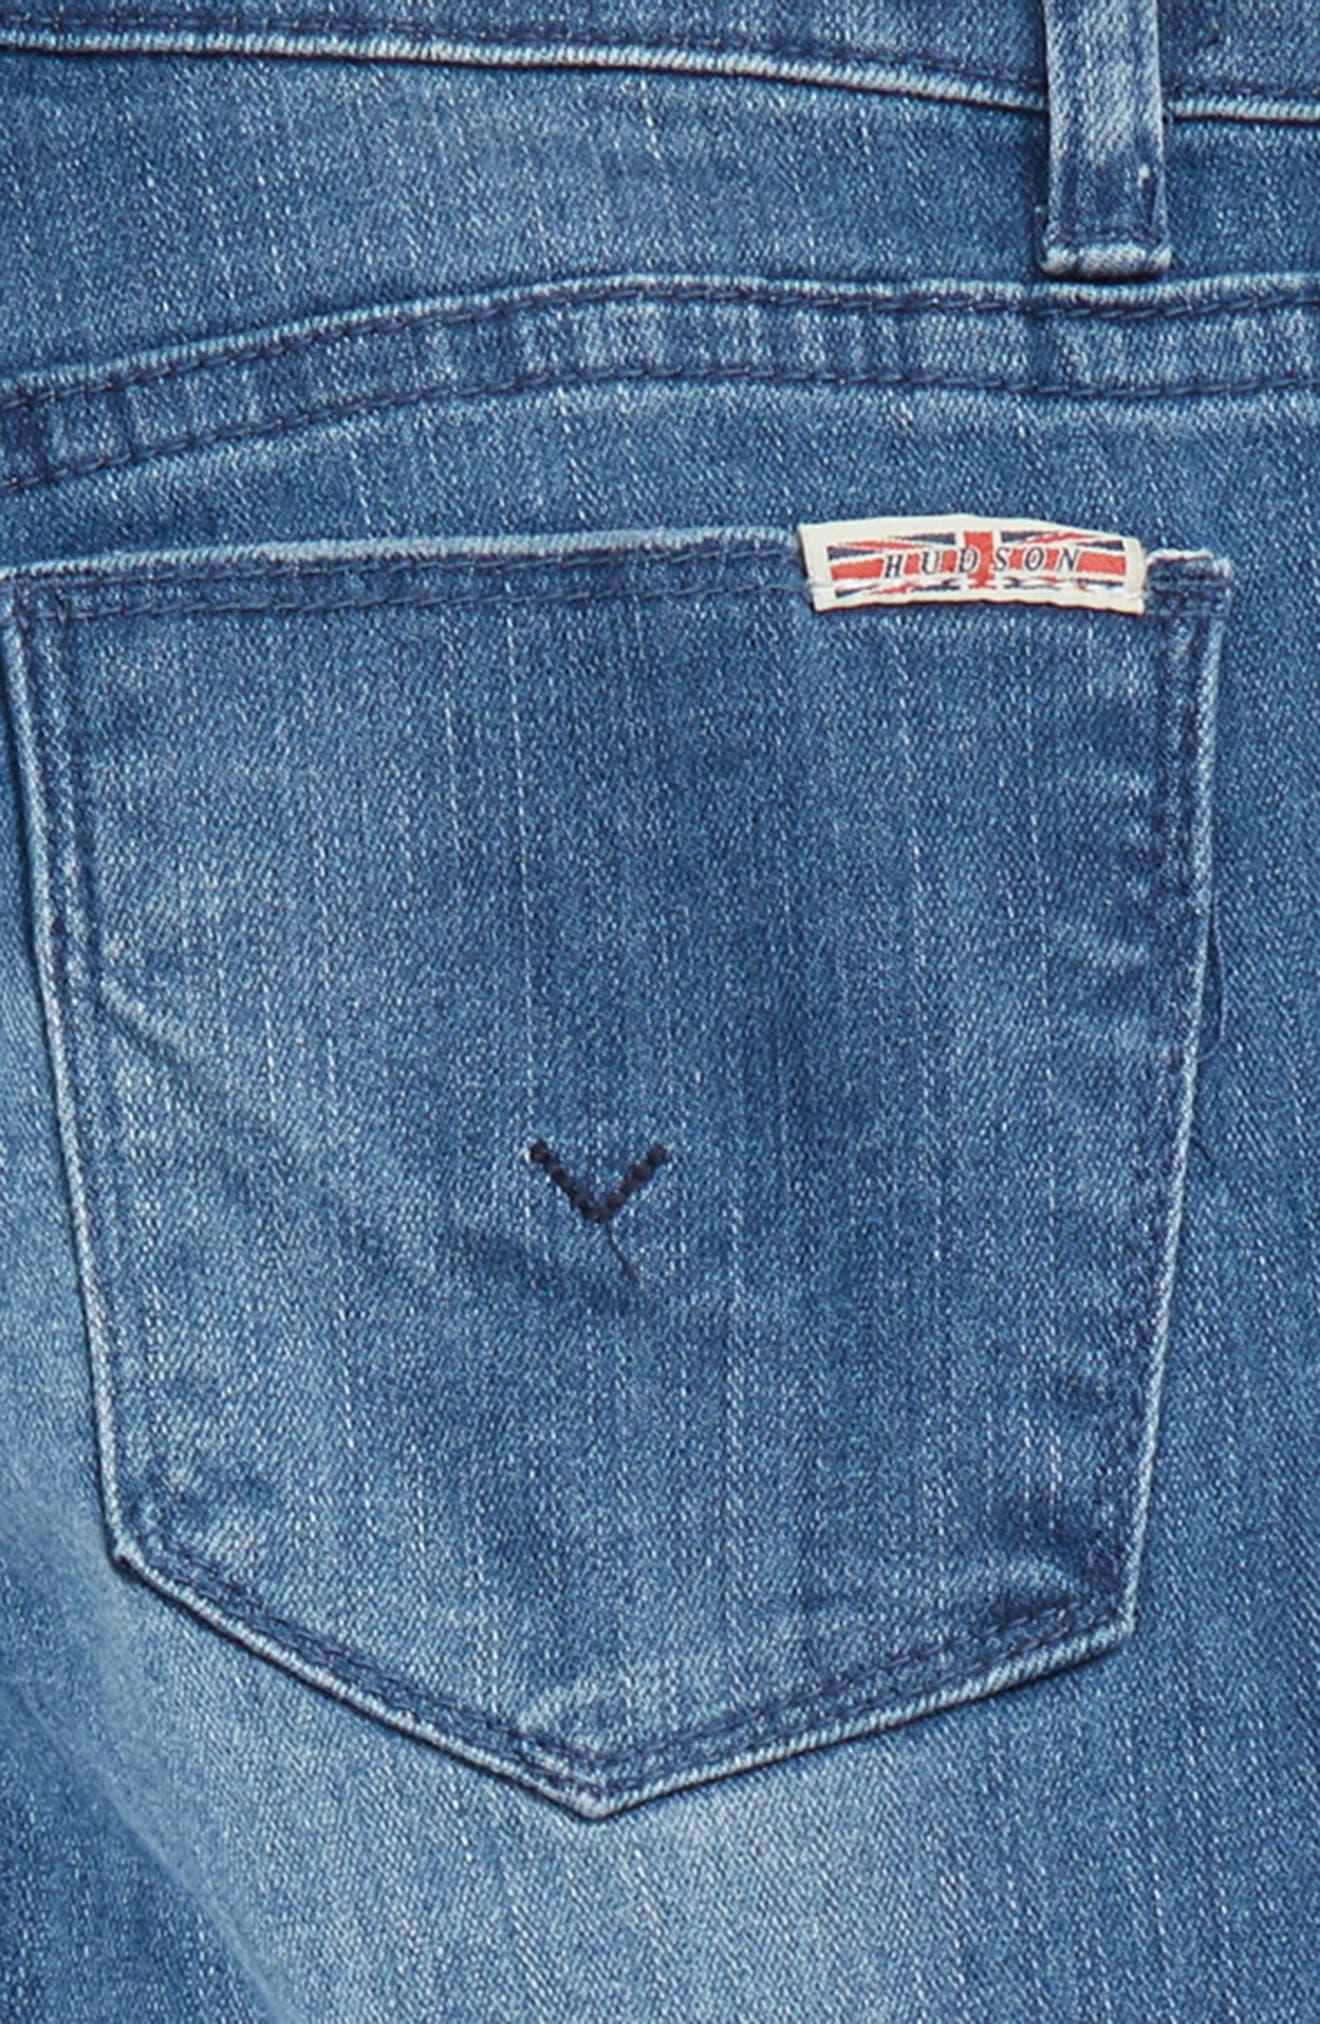 Etta Lace Up Ankle Crop Jeans,                             Alternate thumbnail 3, color,                             483